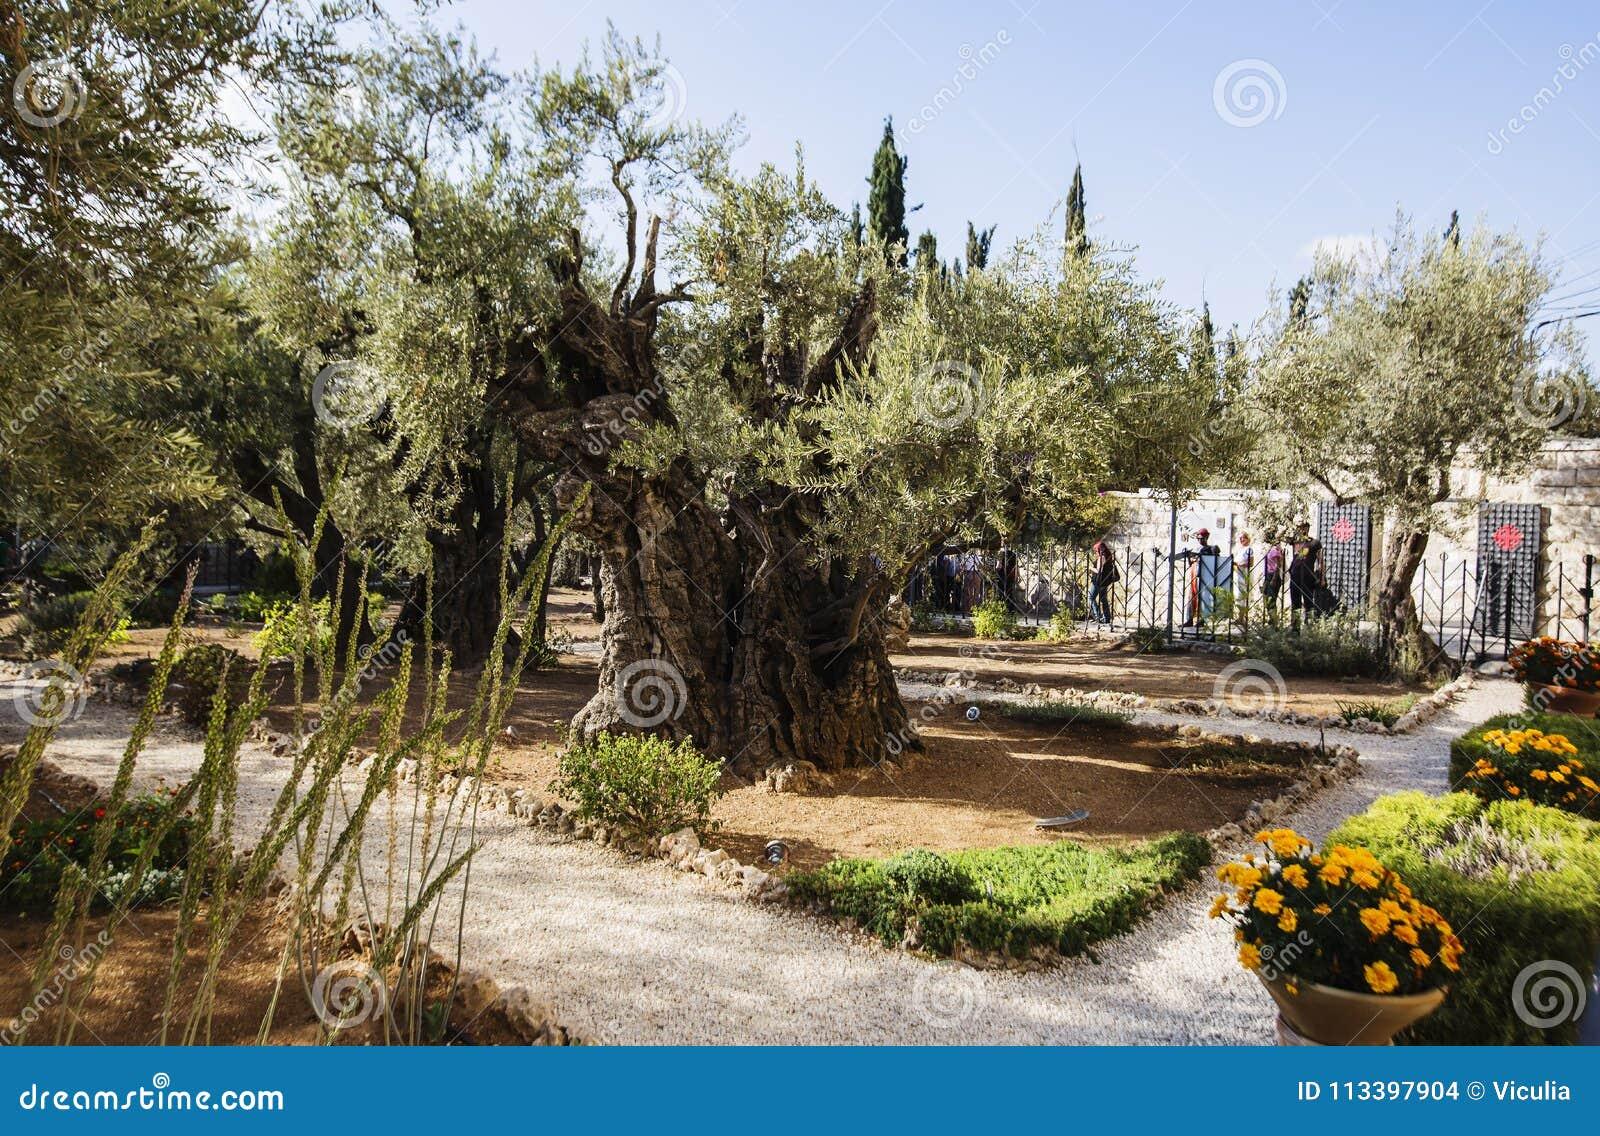 JERUSALEM, ISRAEL-OCTOBER 5, 2017: The Garden Of Gethsemane On The ...